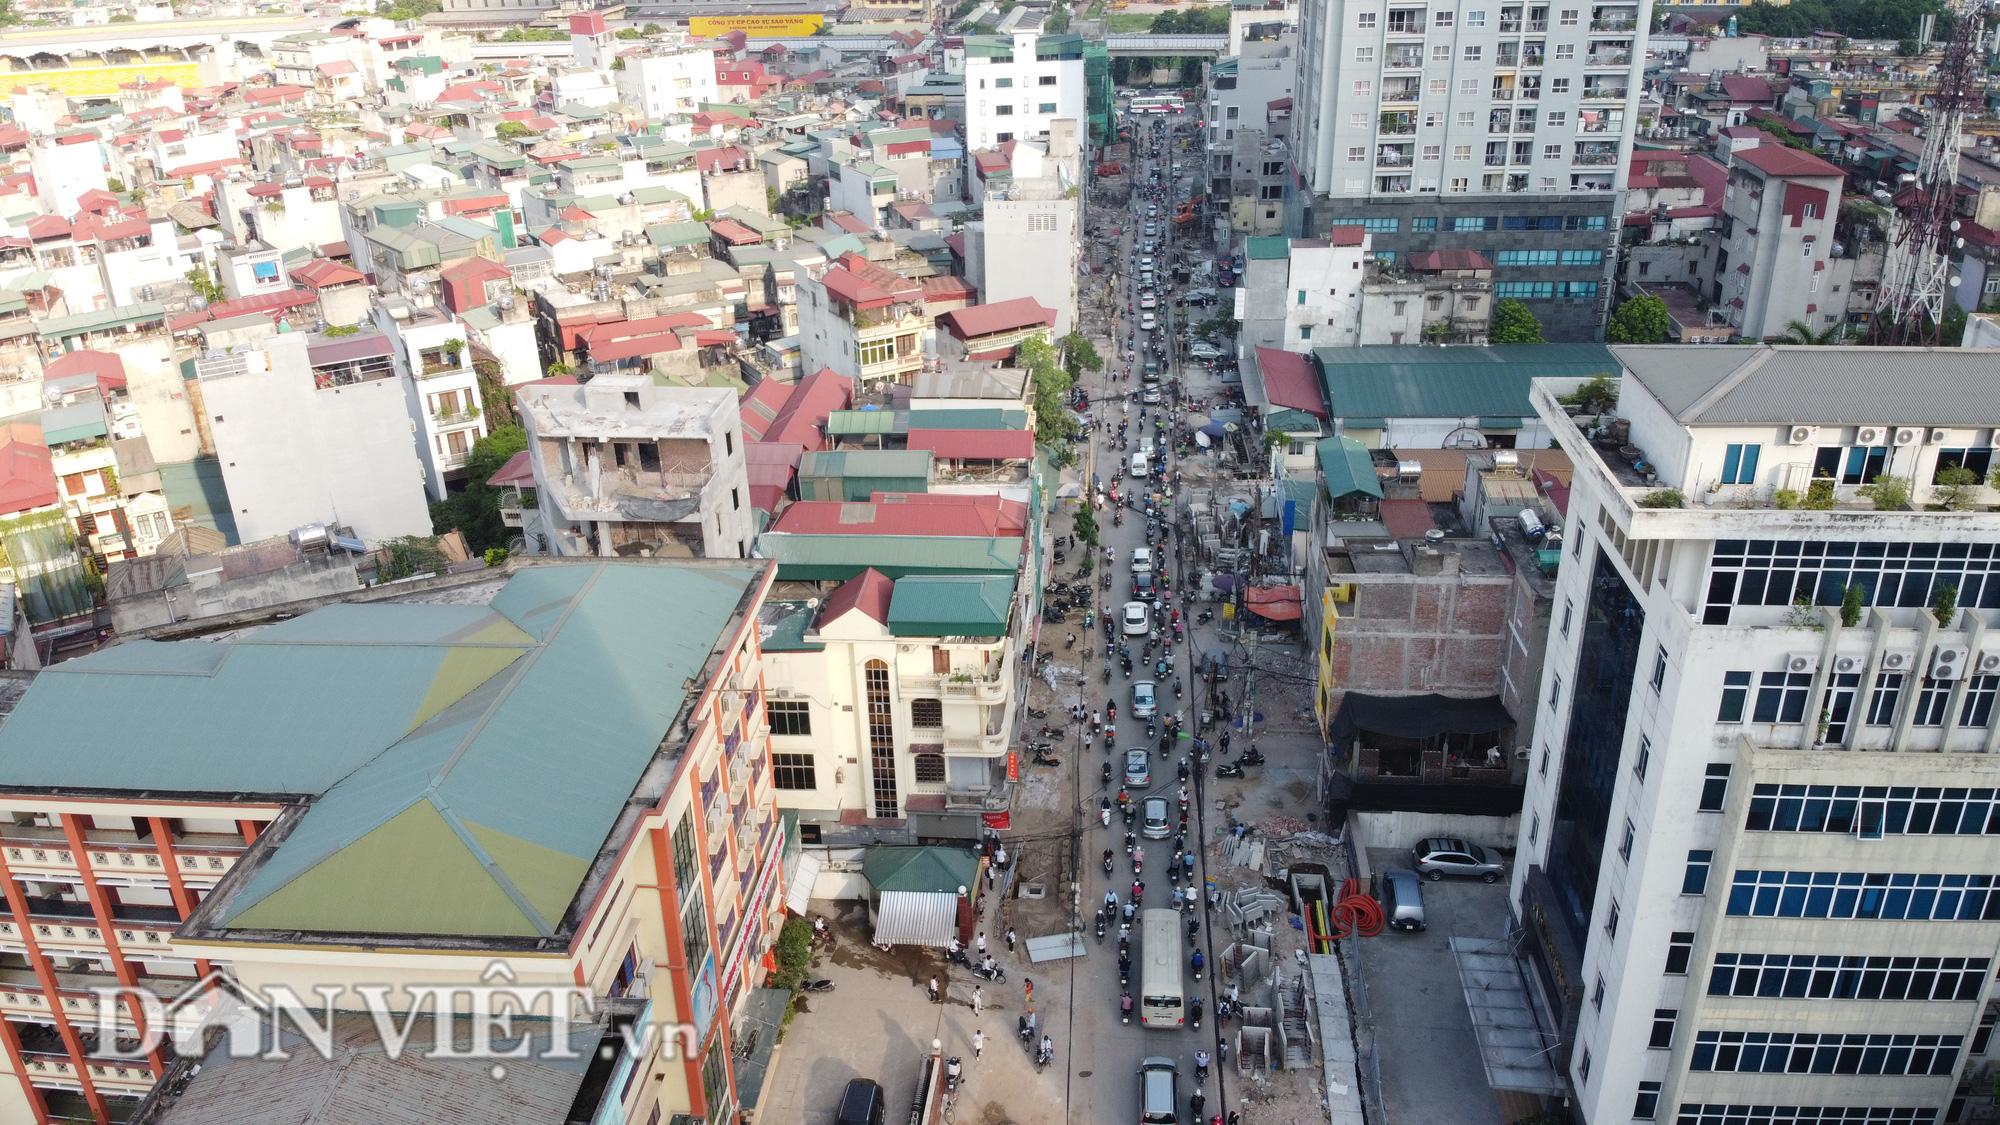 Người dân bắc cầu vào nhà do thi công mở rộng đường Vũ Trọng Phụng - Ảnh 1.